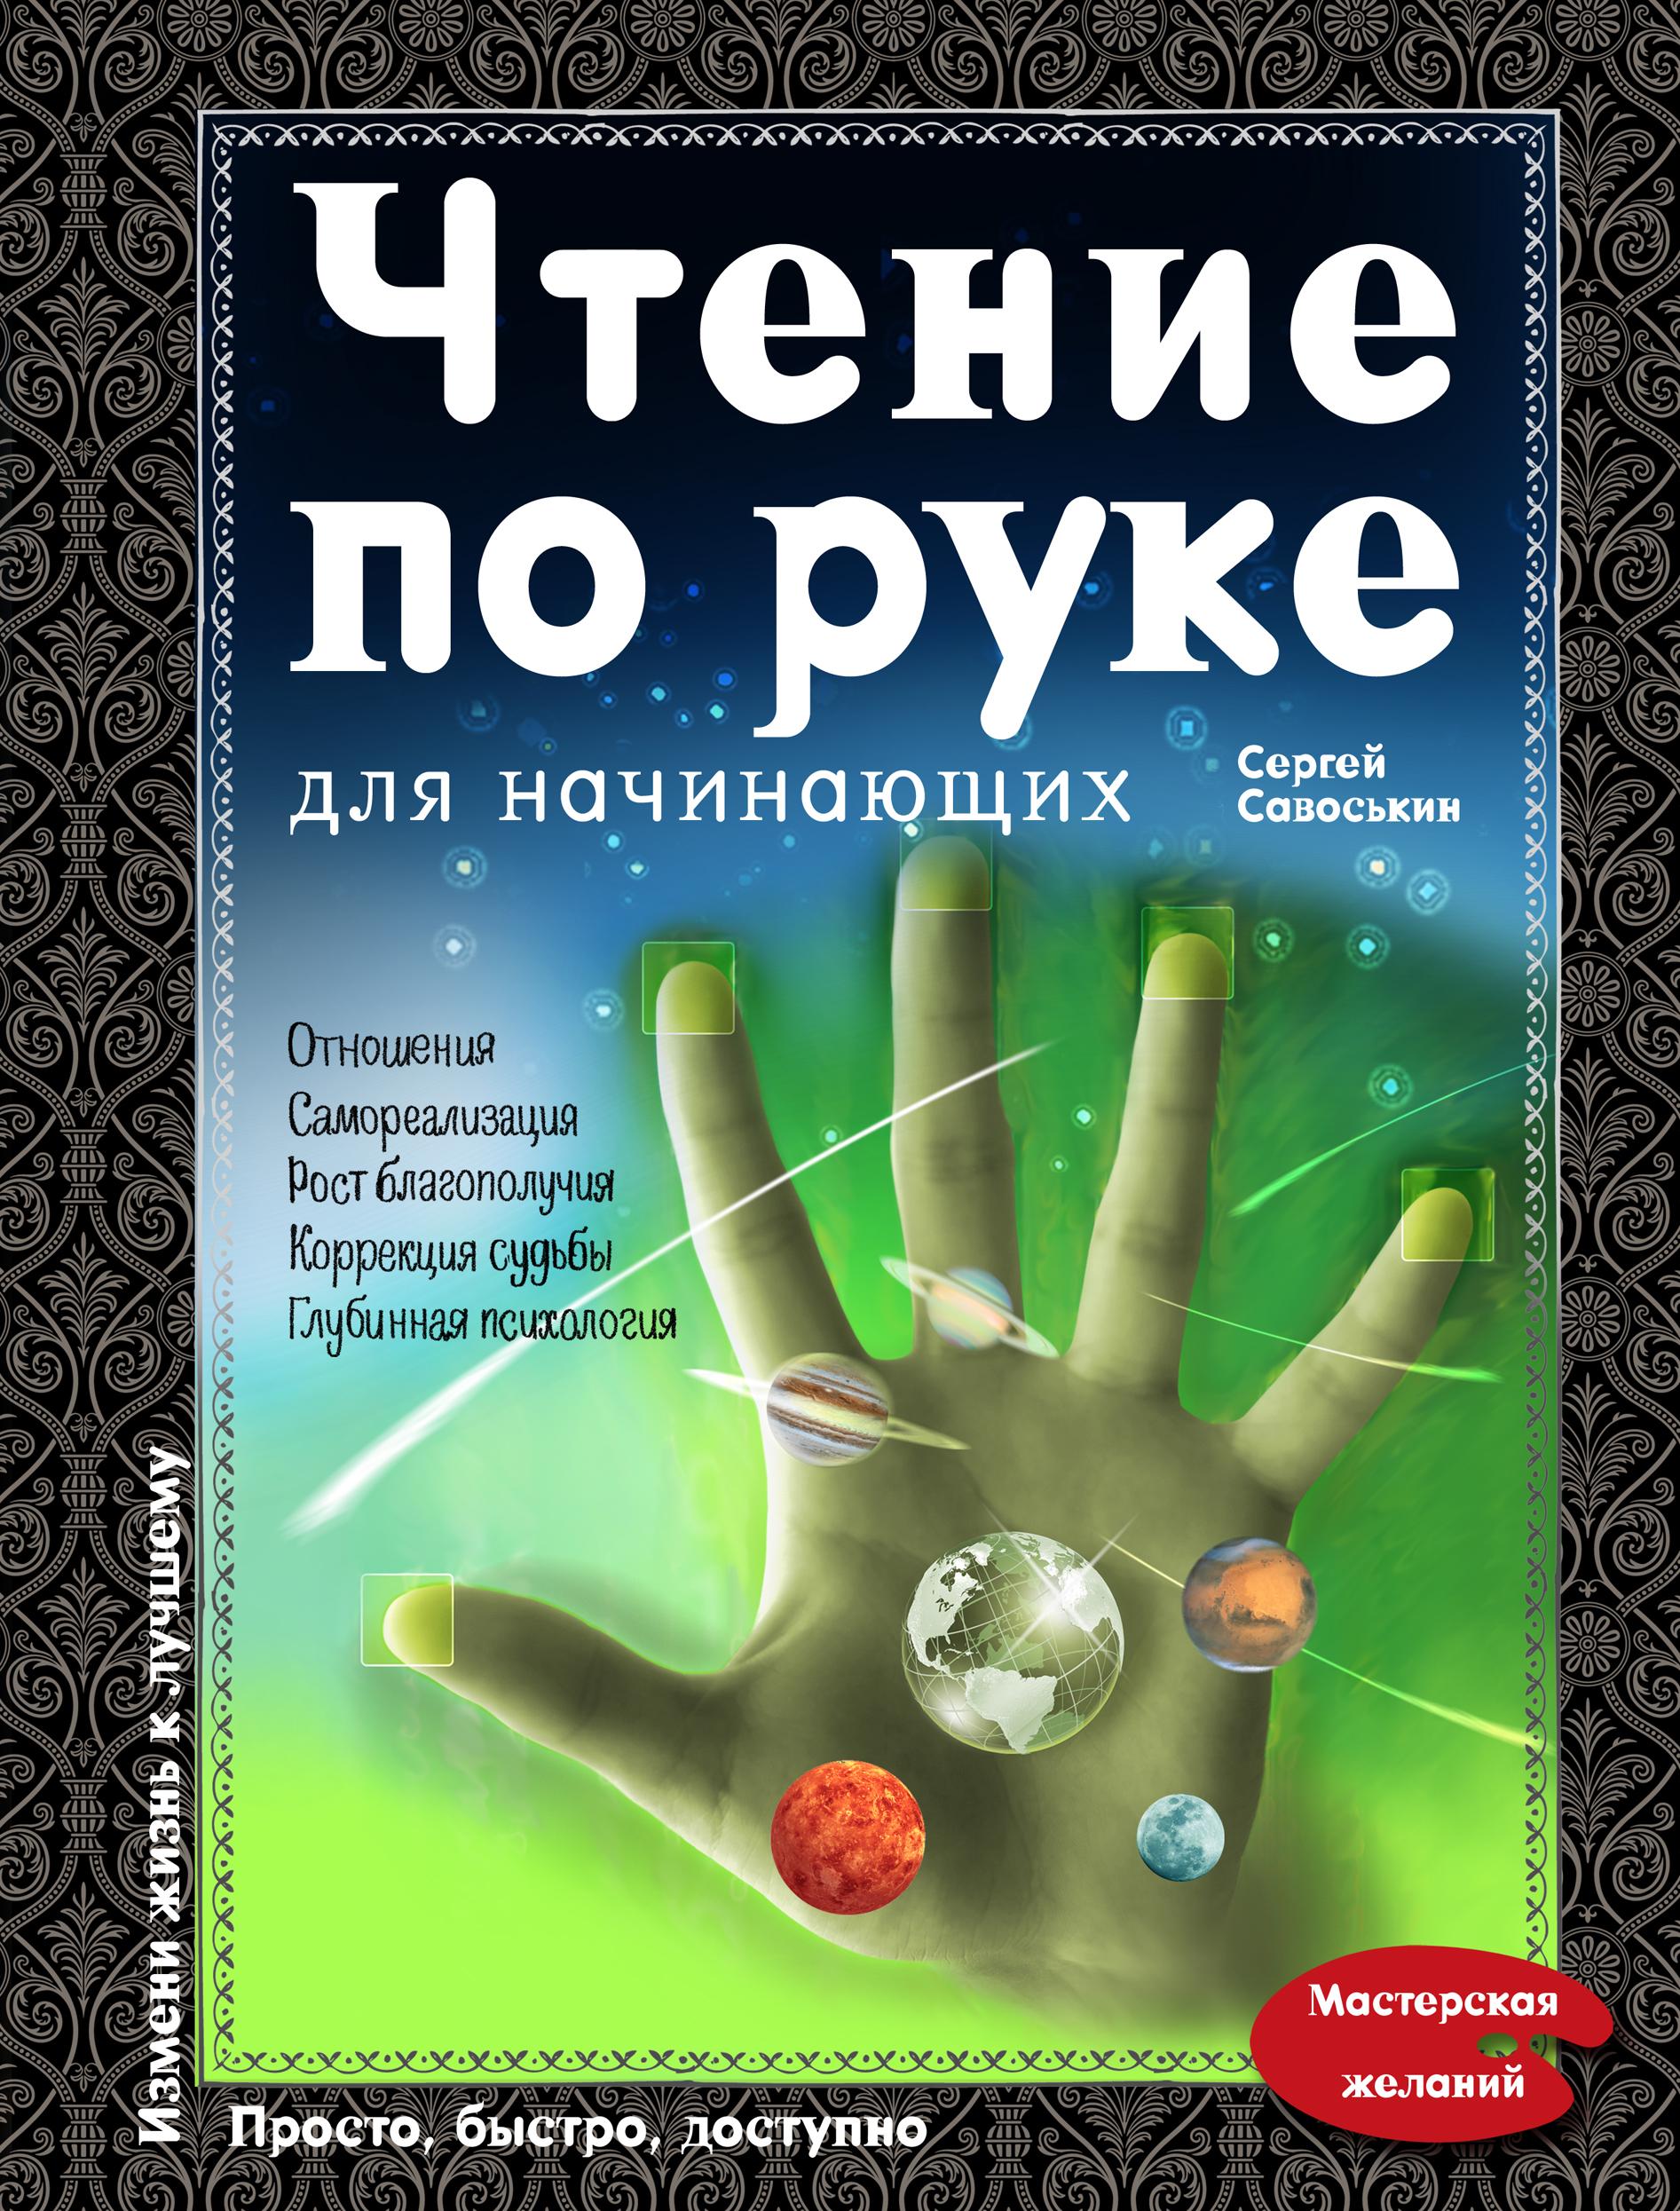 Чтение по руке для начинающих ( Савоськин С.Д.  )